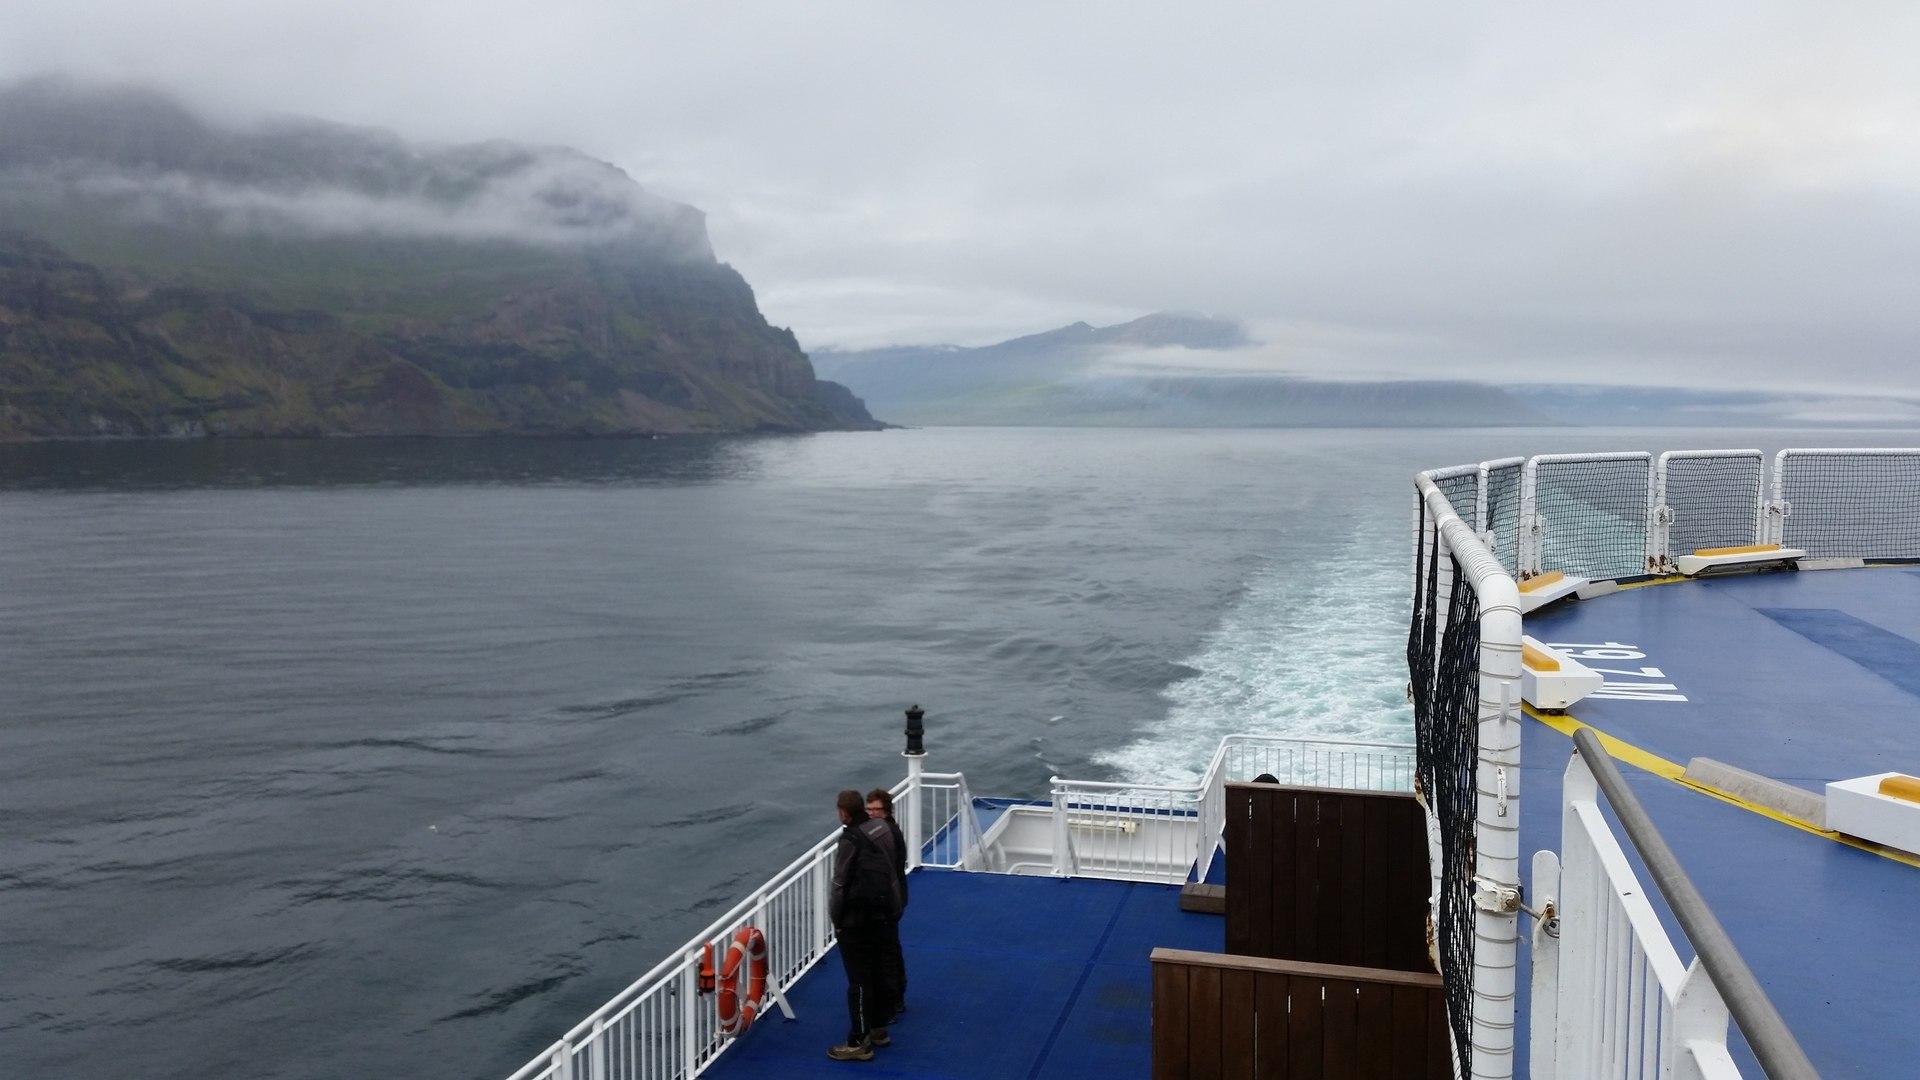 25 août : départ de Seyðisfjörður